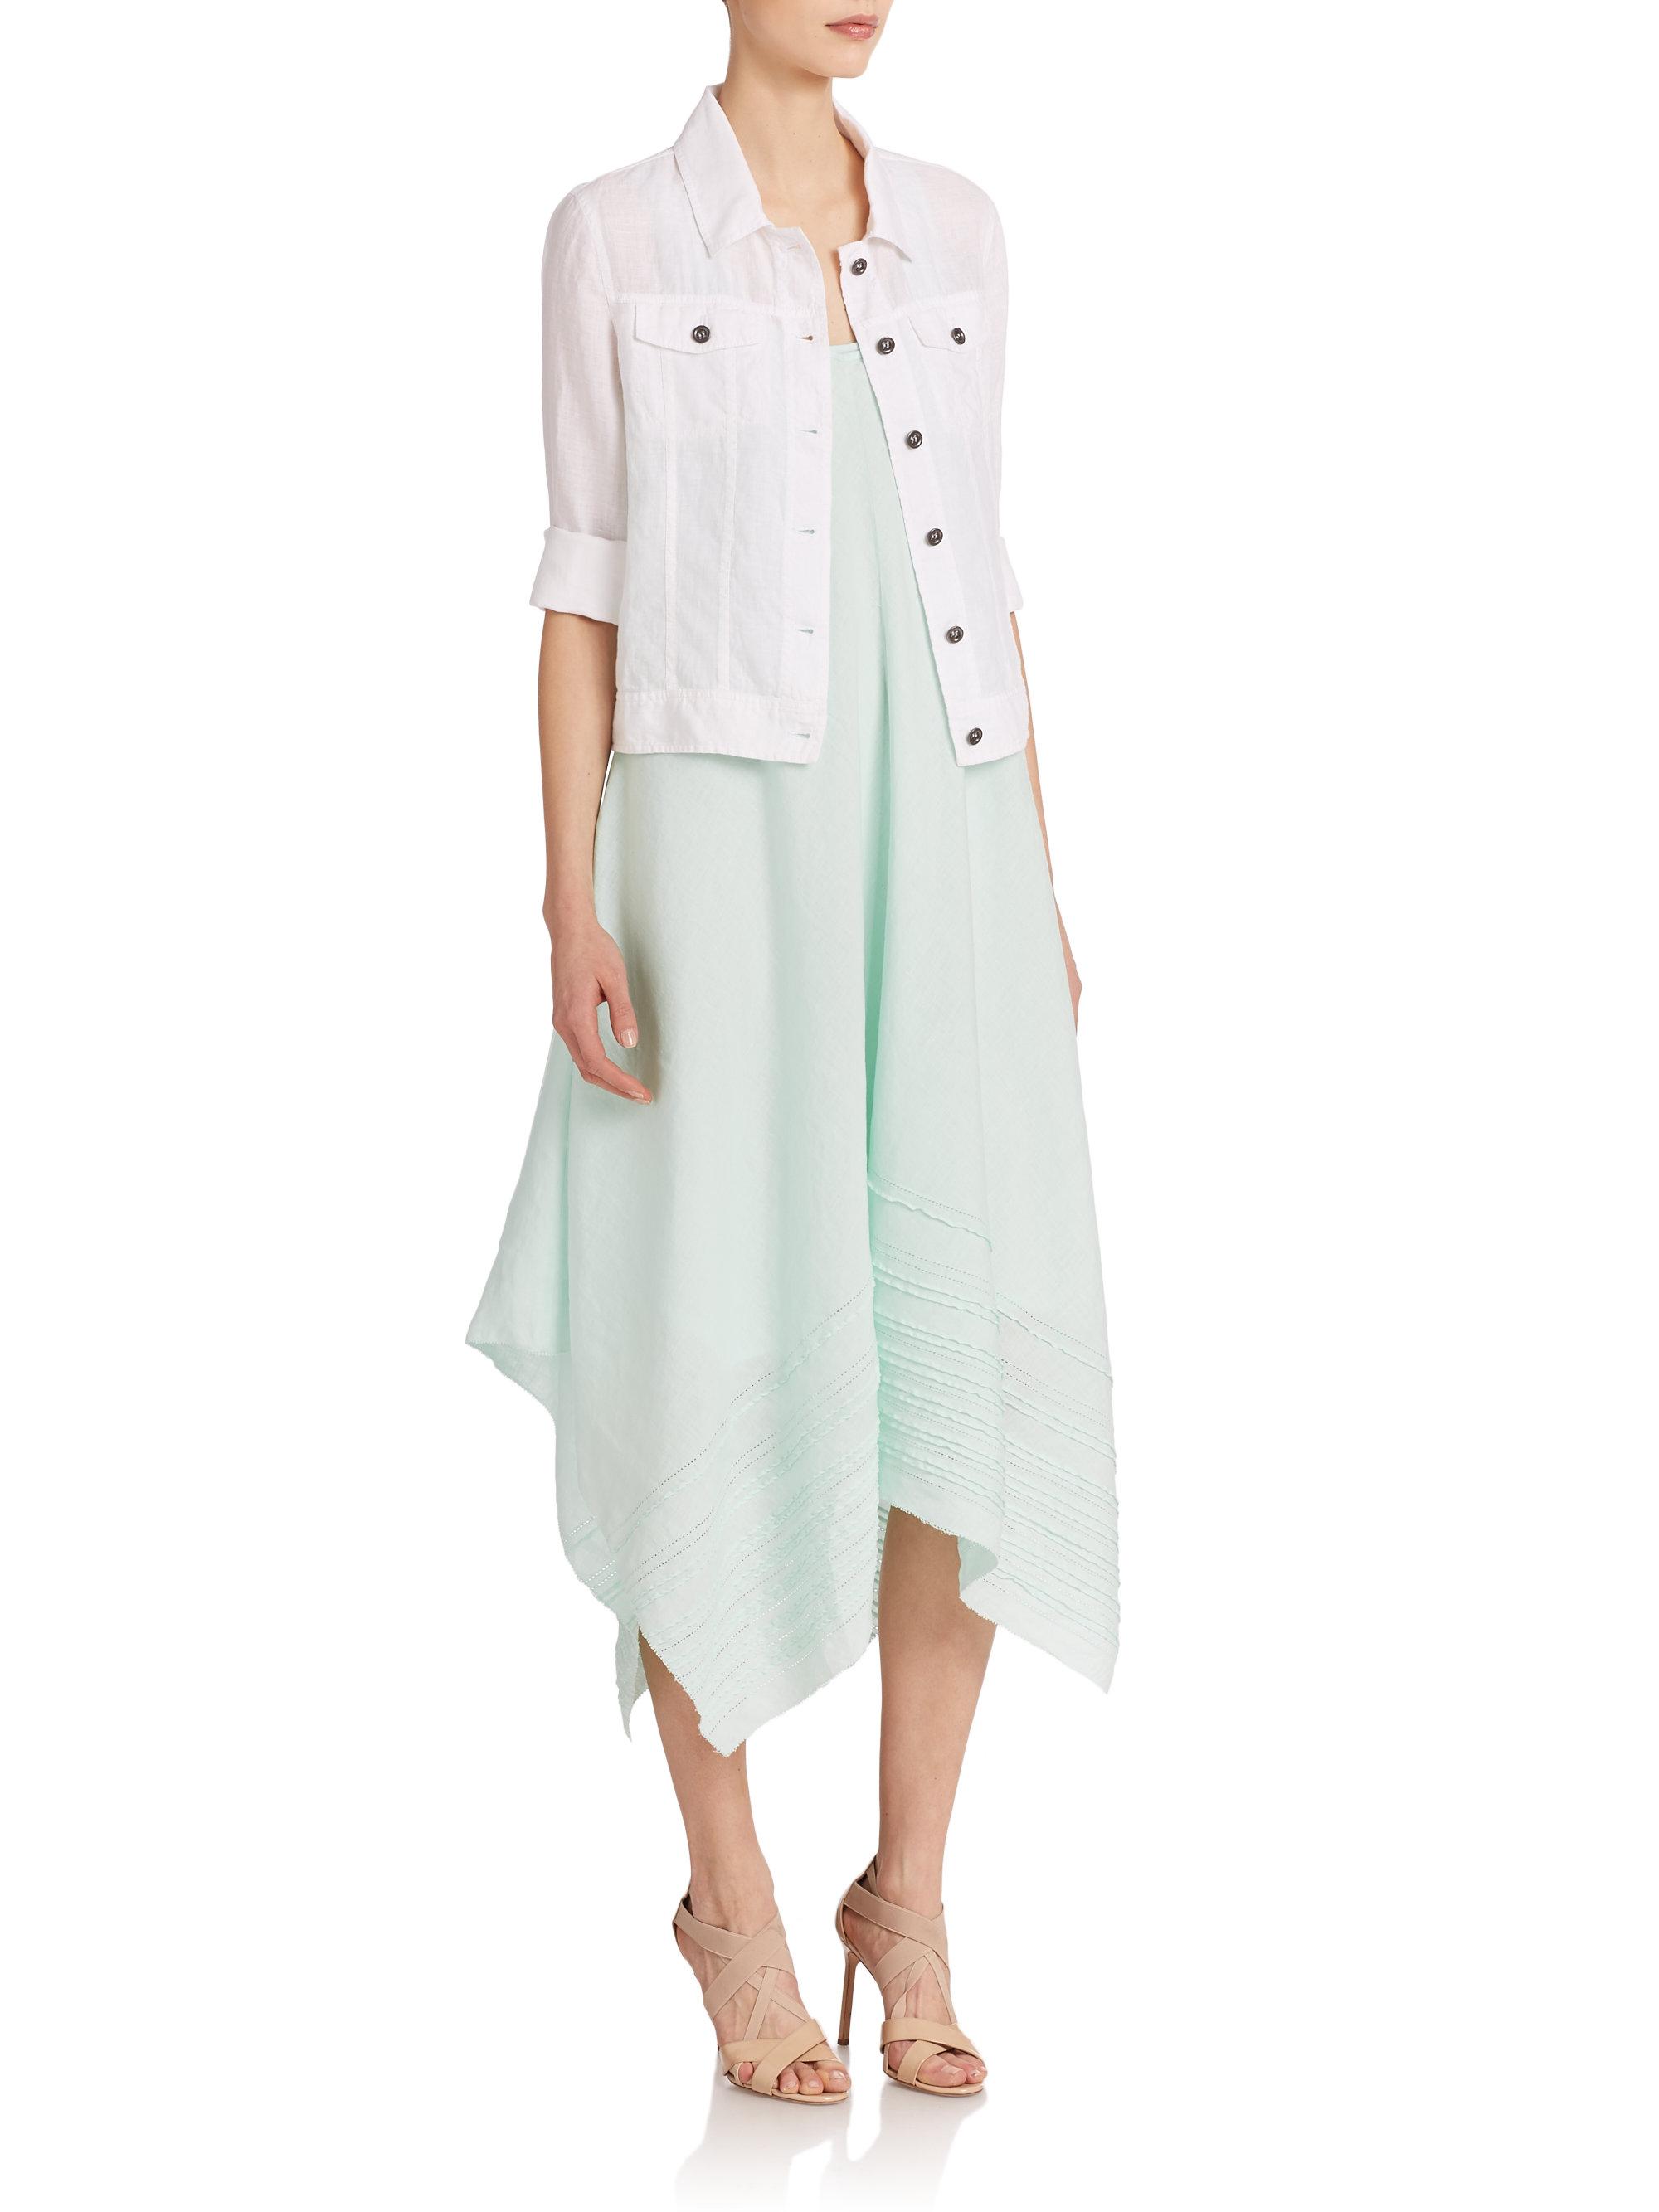 Women's cropped linen jacket